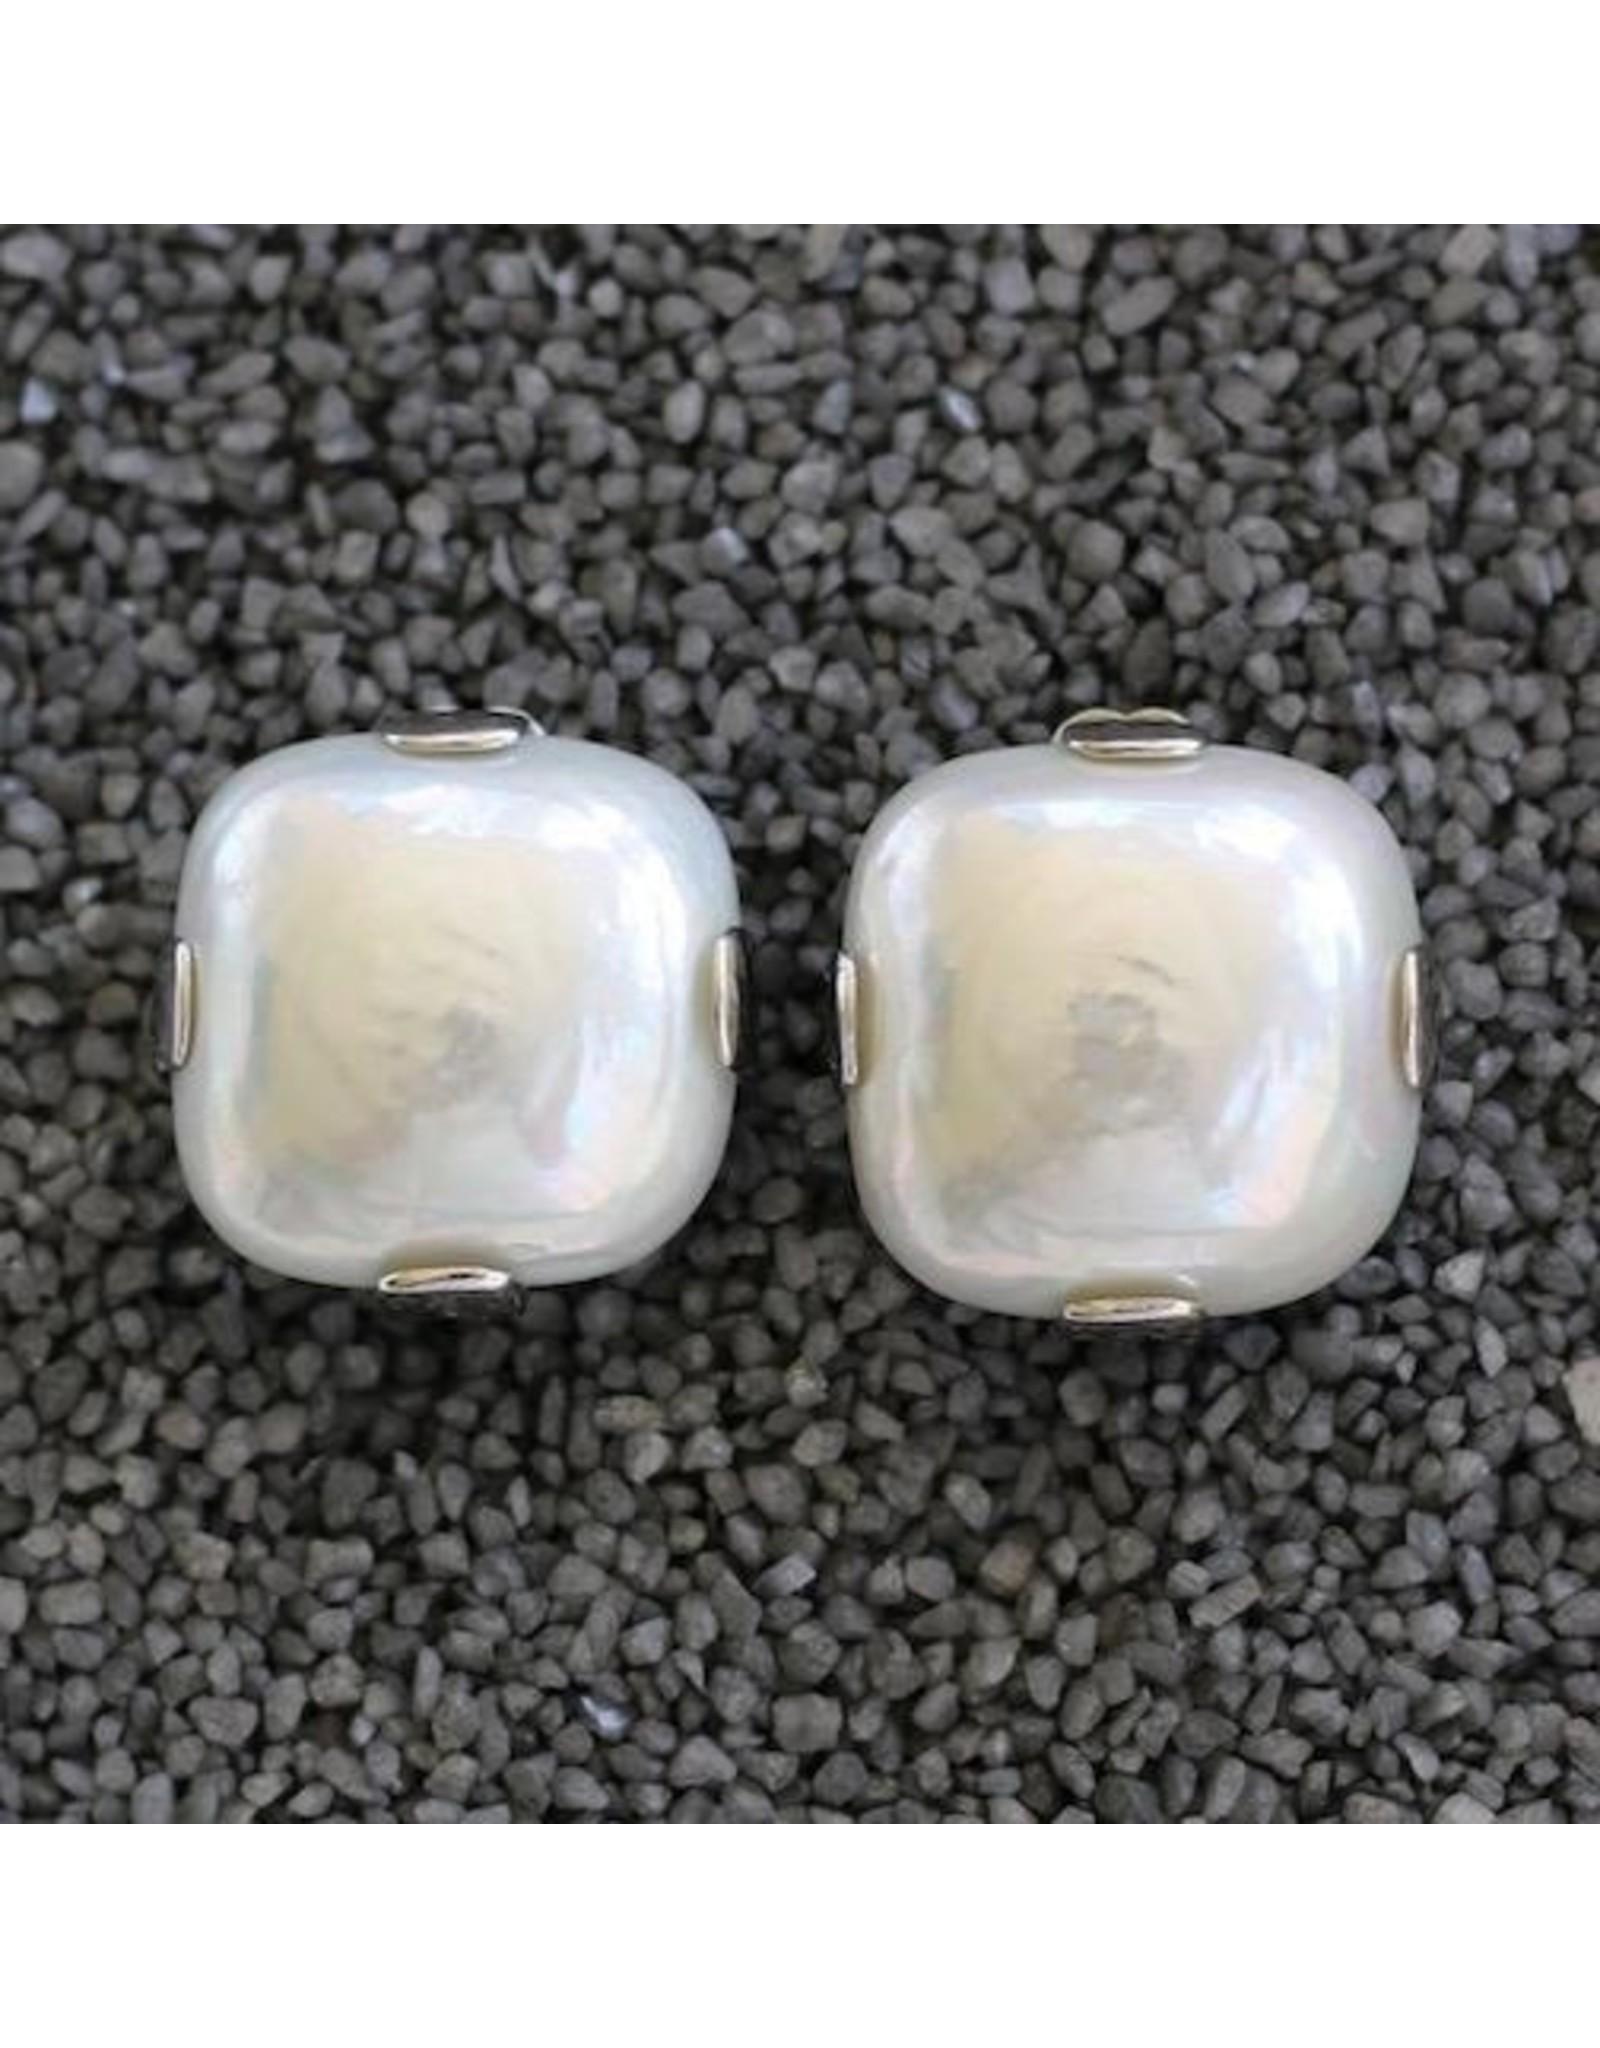 Francoise Montague FMontague: White Pearl Square w/Silver